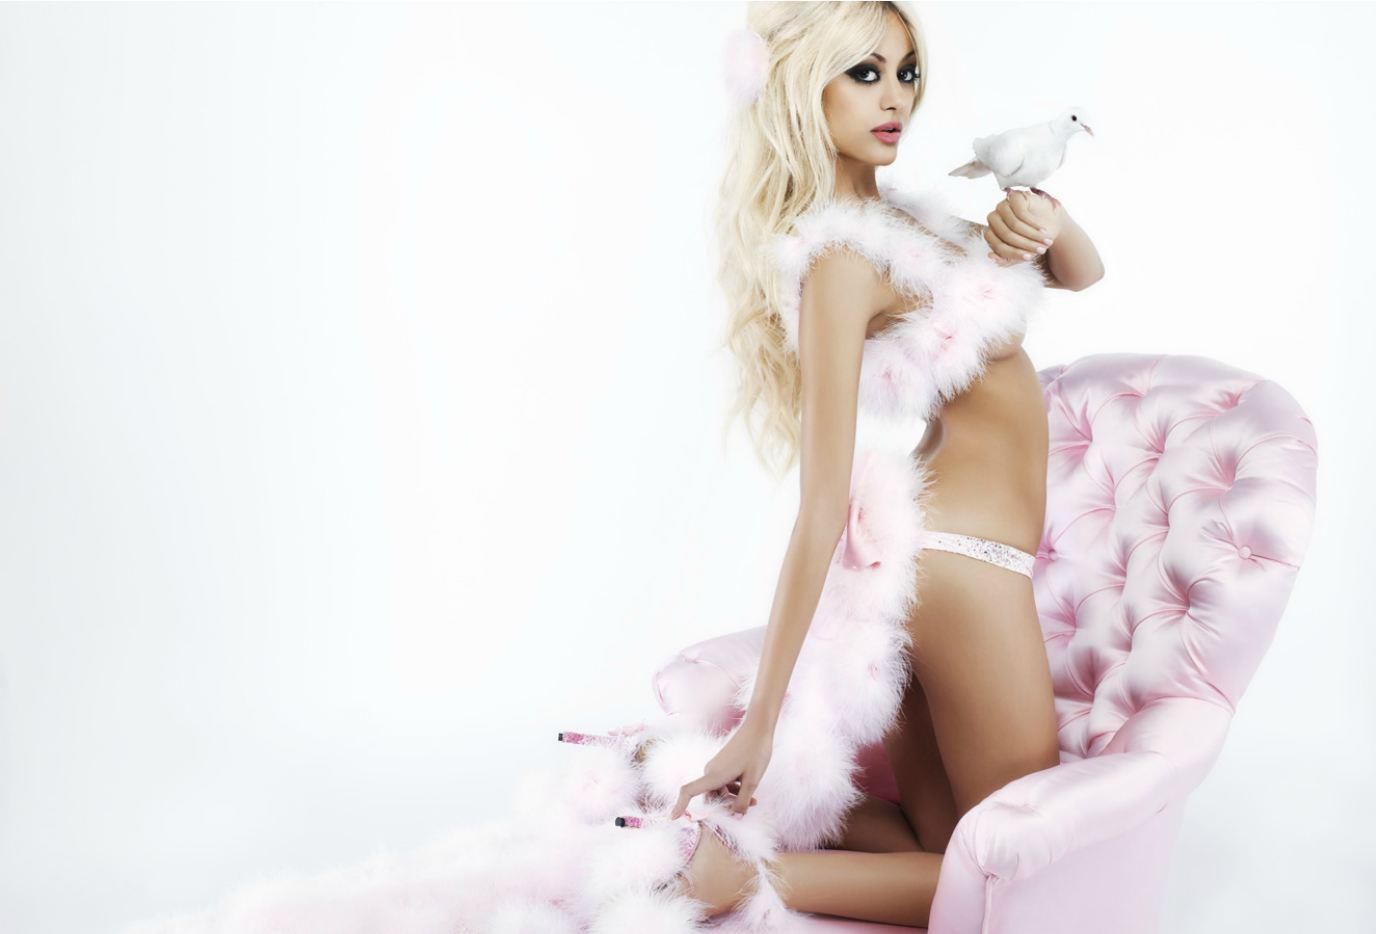 newlike magazine féminin vous propose les nouvelles Photos zahia